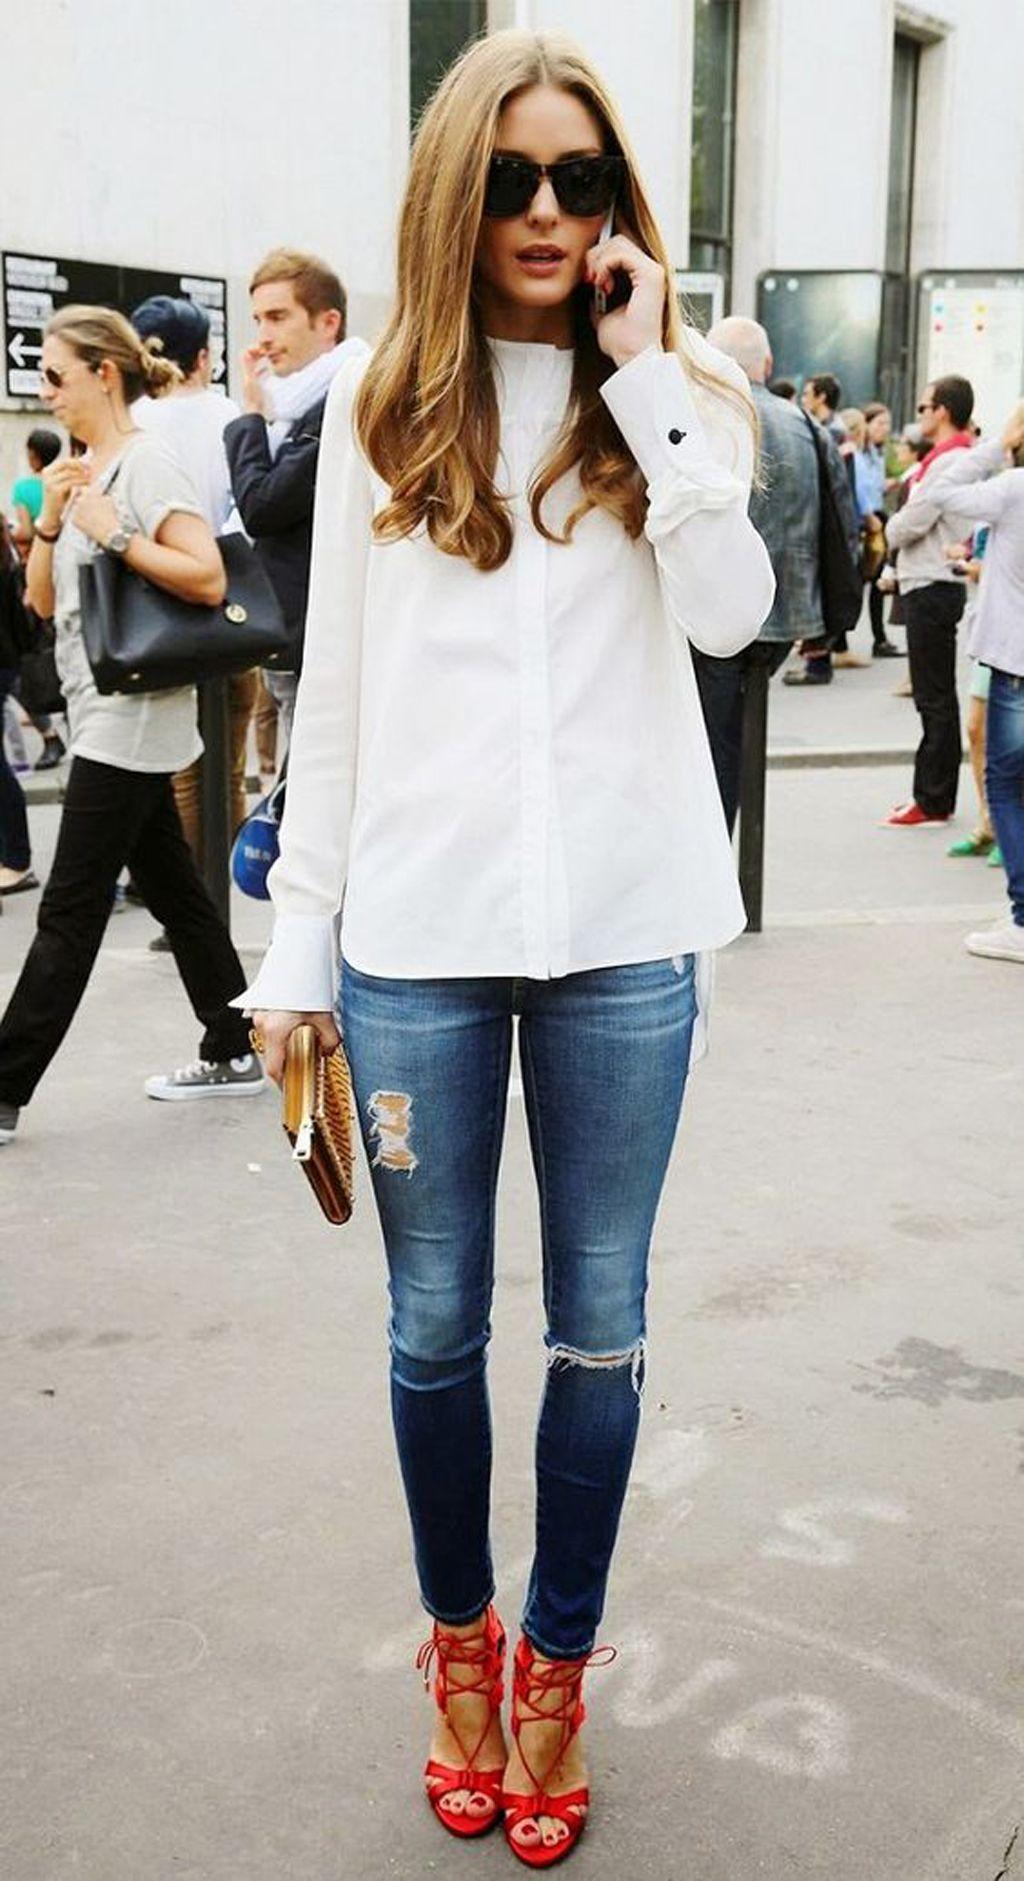 81ab7bfa5ca77 Camisa blanca + jeans + zapatos rojos